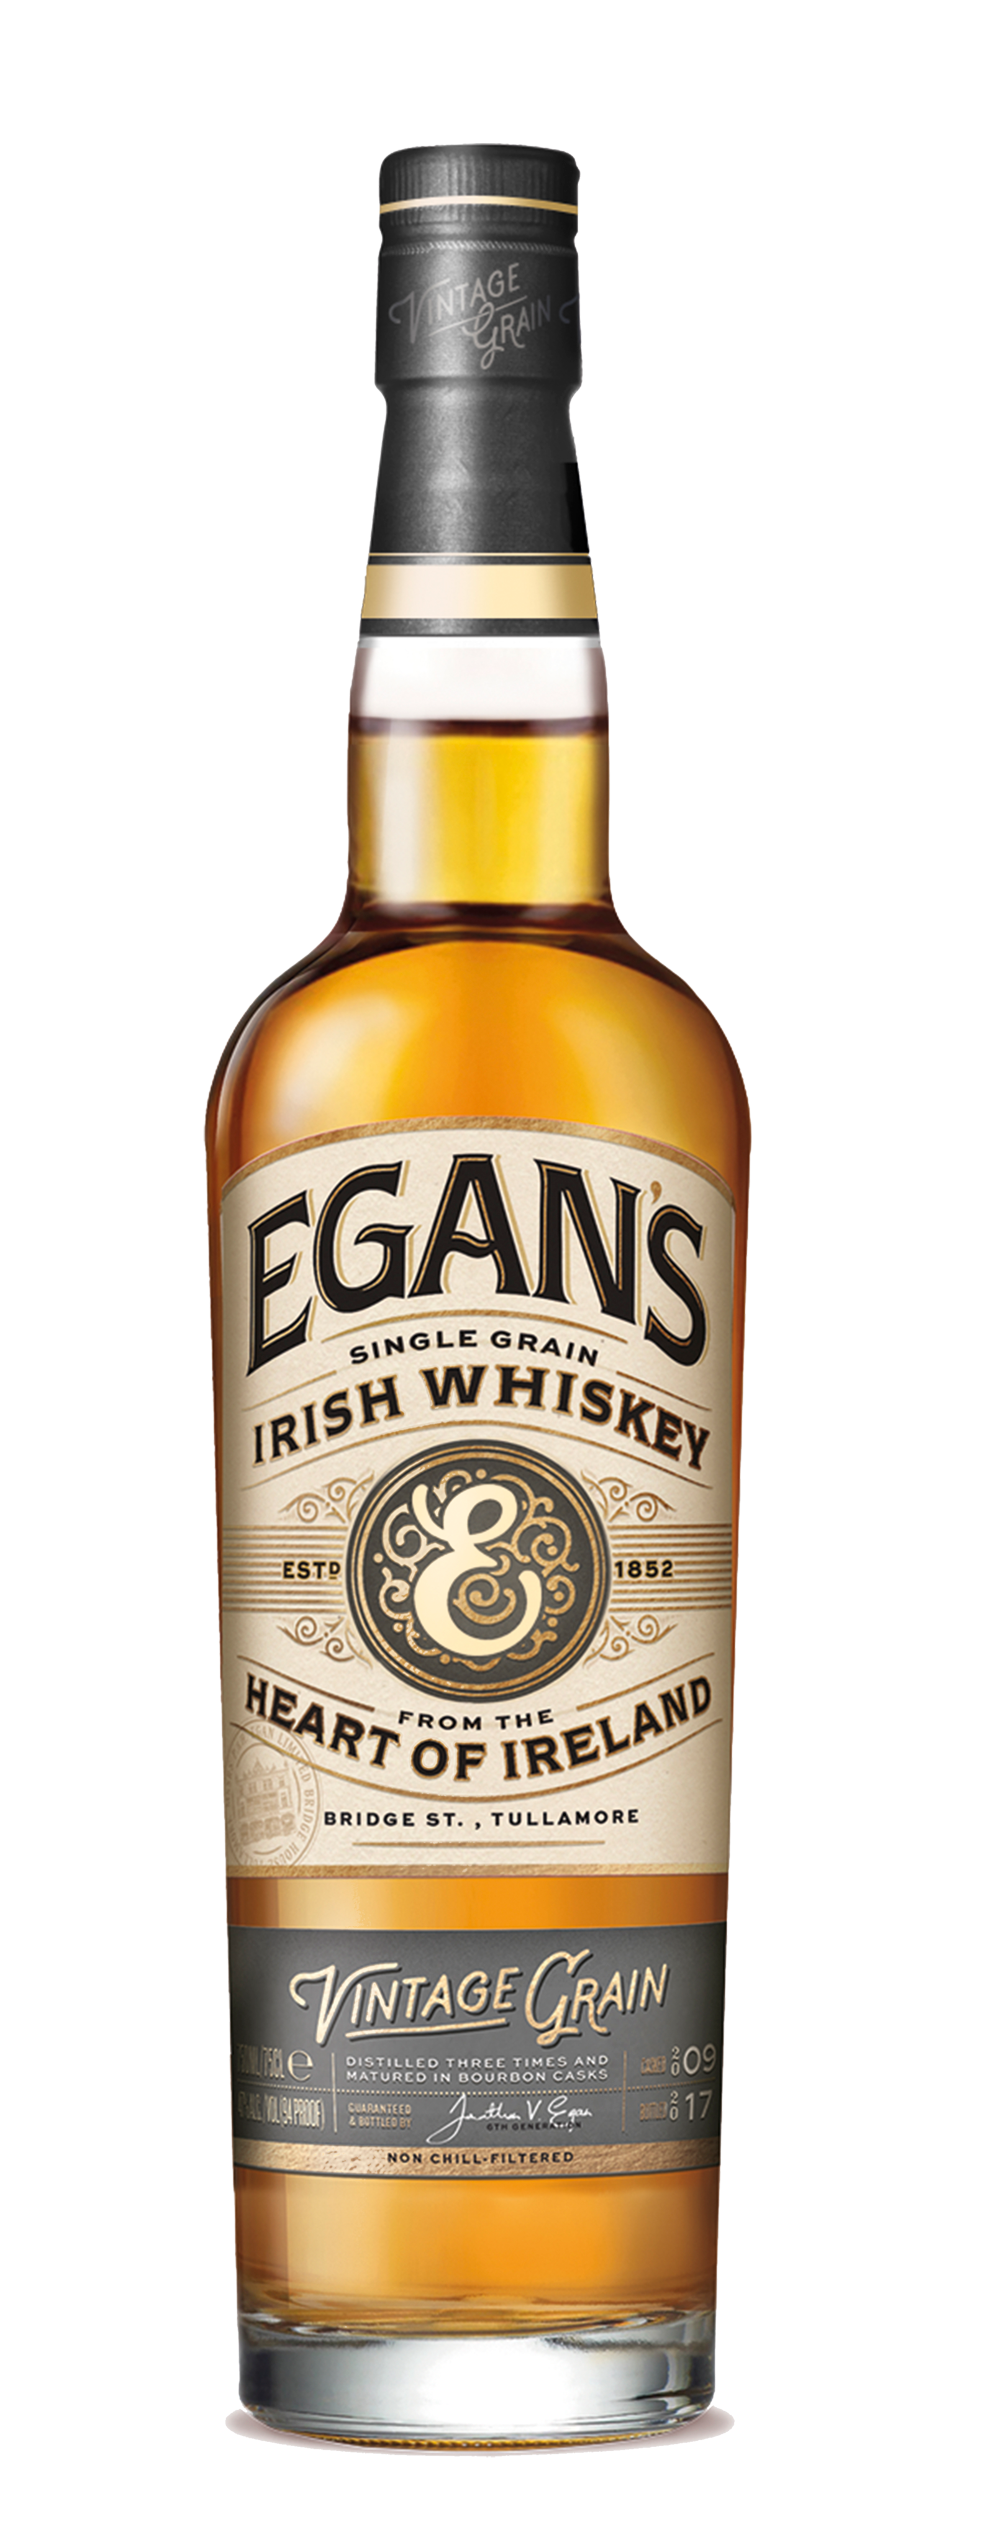 Egans-Vintage-Grain-White